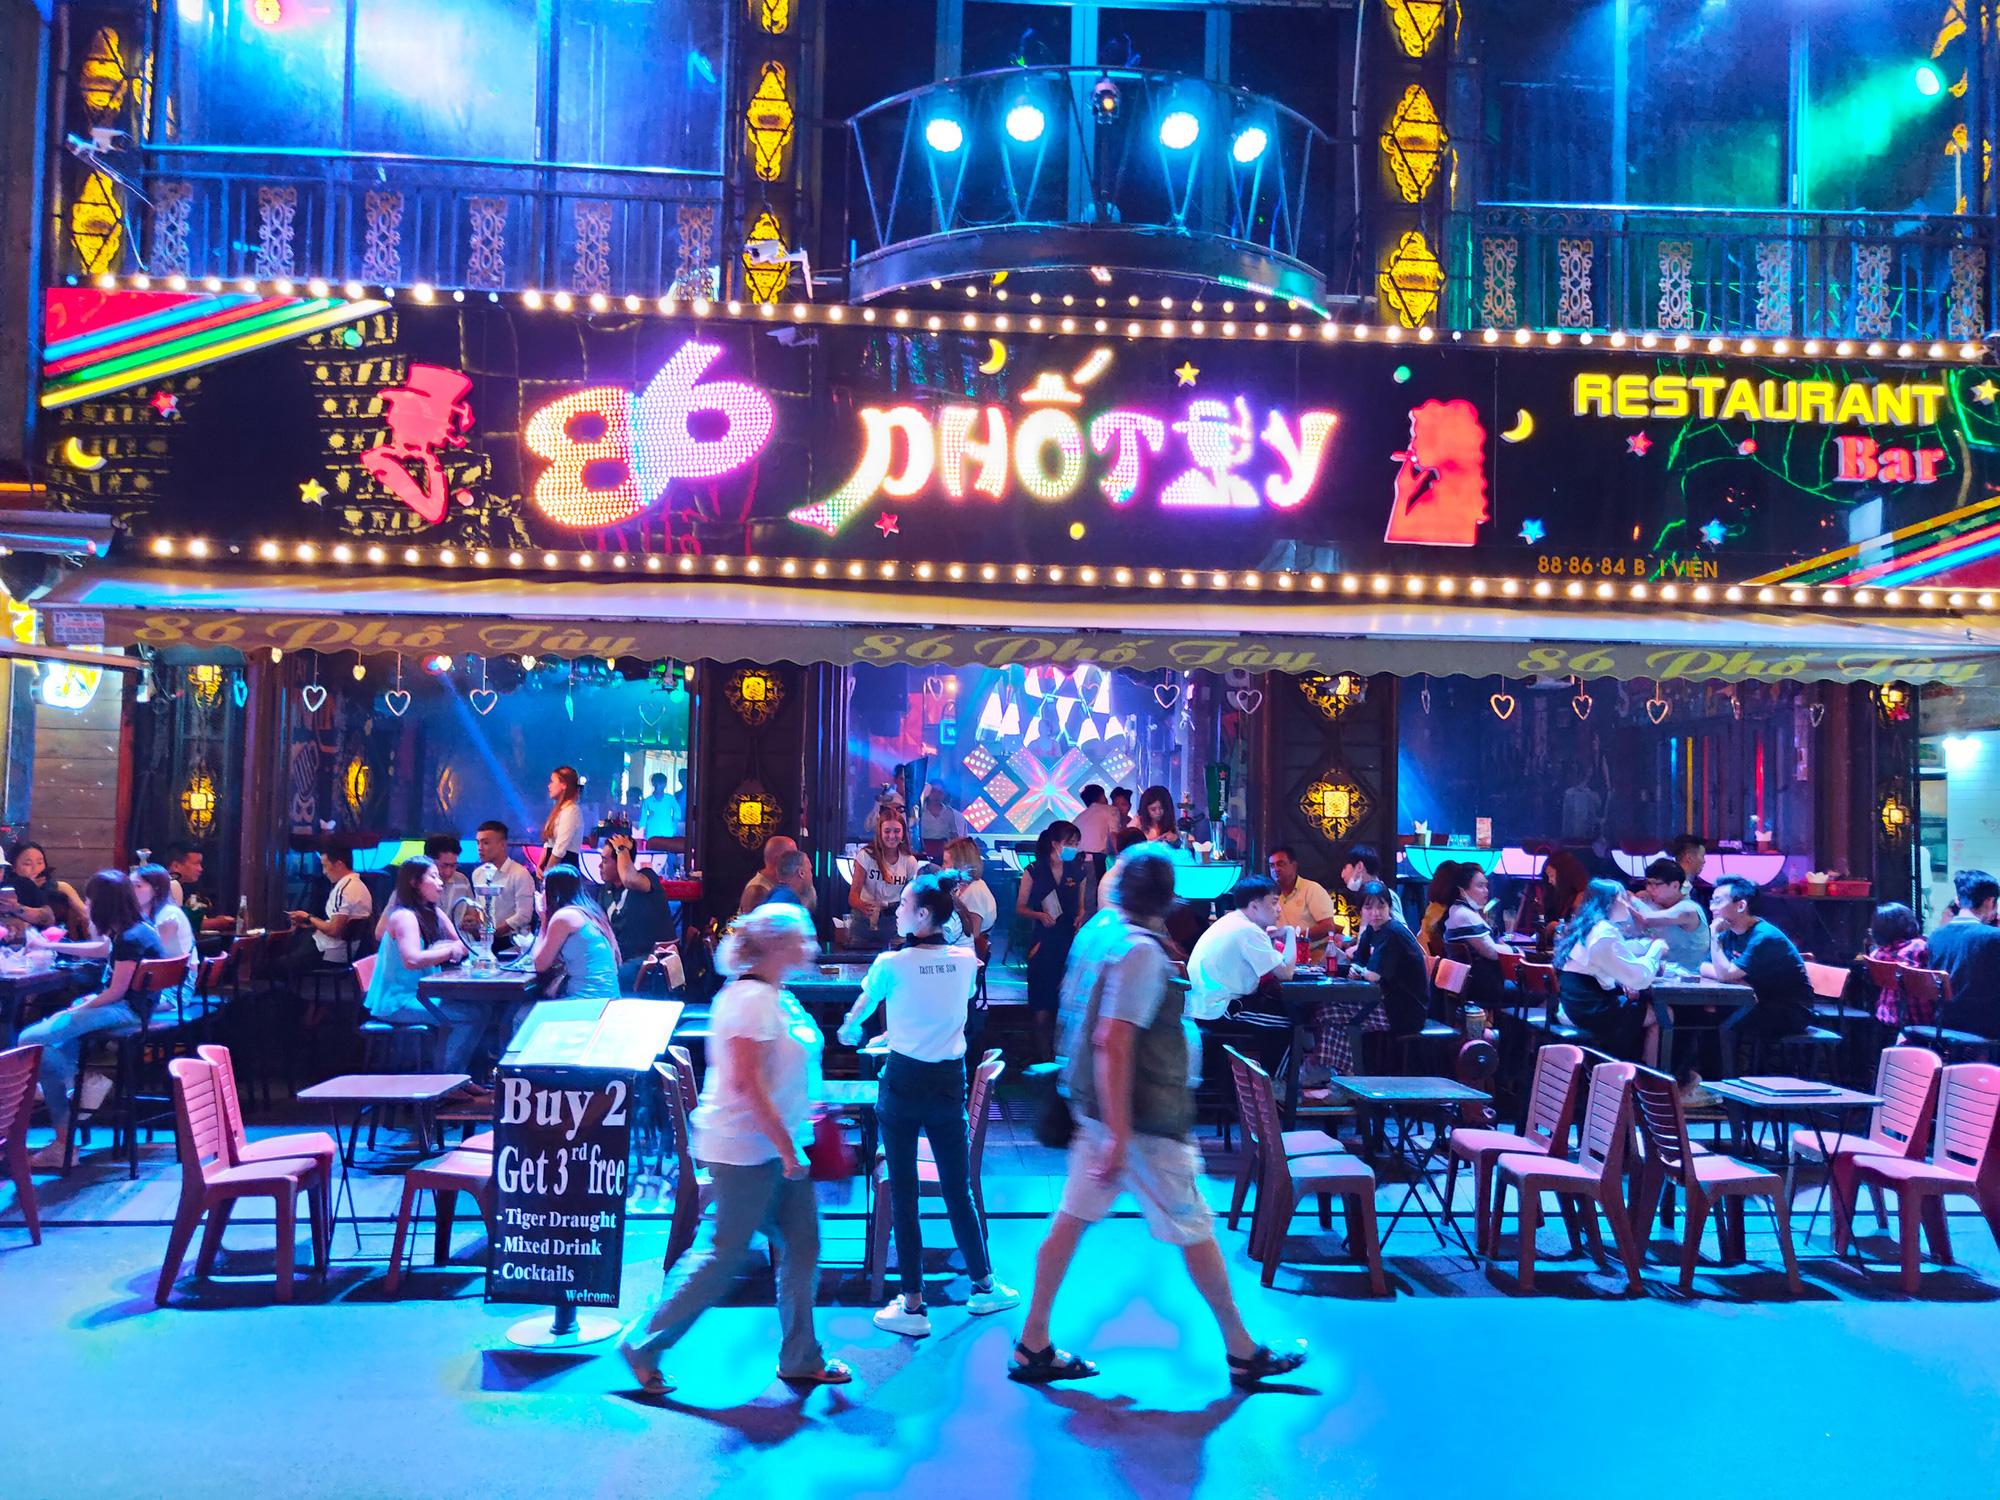 Nóng: TP HCM quyết định đóng cửa toàn bộ rạp chiếu phim, karaoke, quán bar, vũ trường để phòng dịch Covid-19 - Ảnh 1.